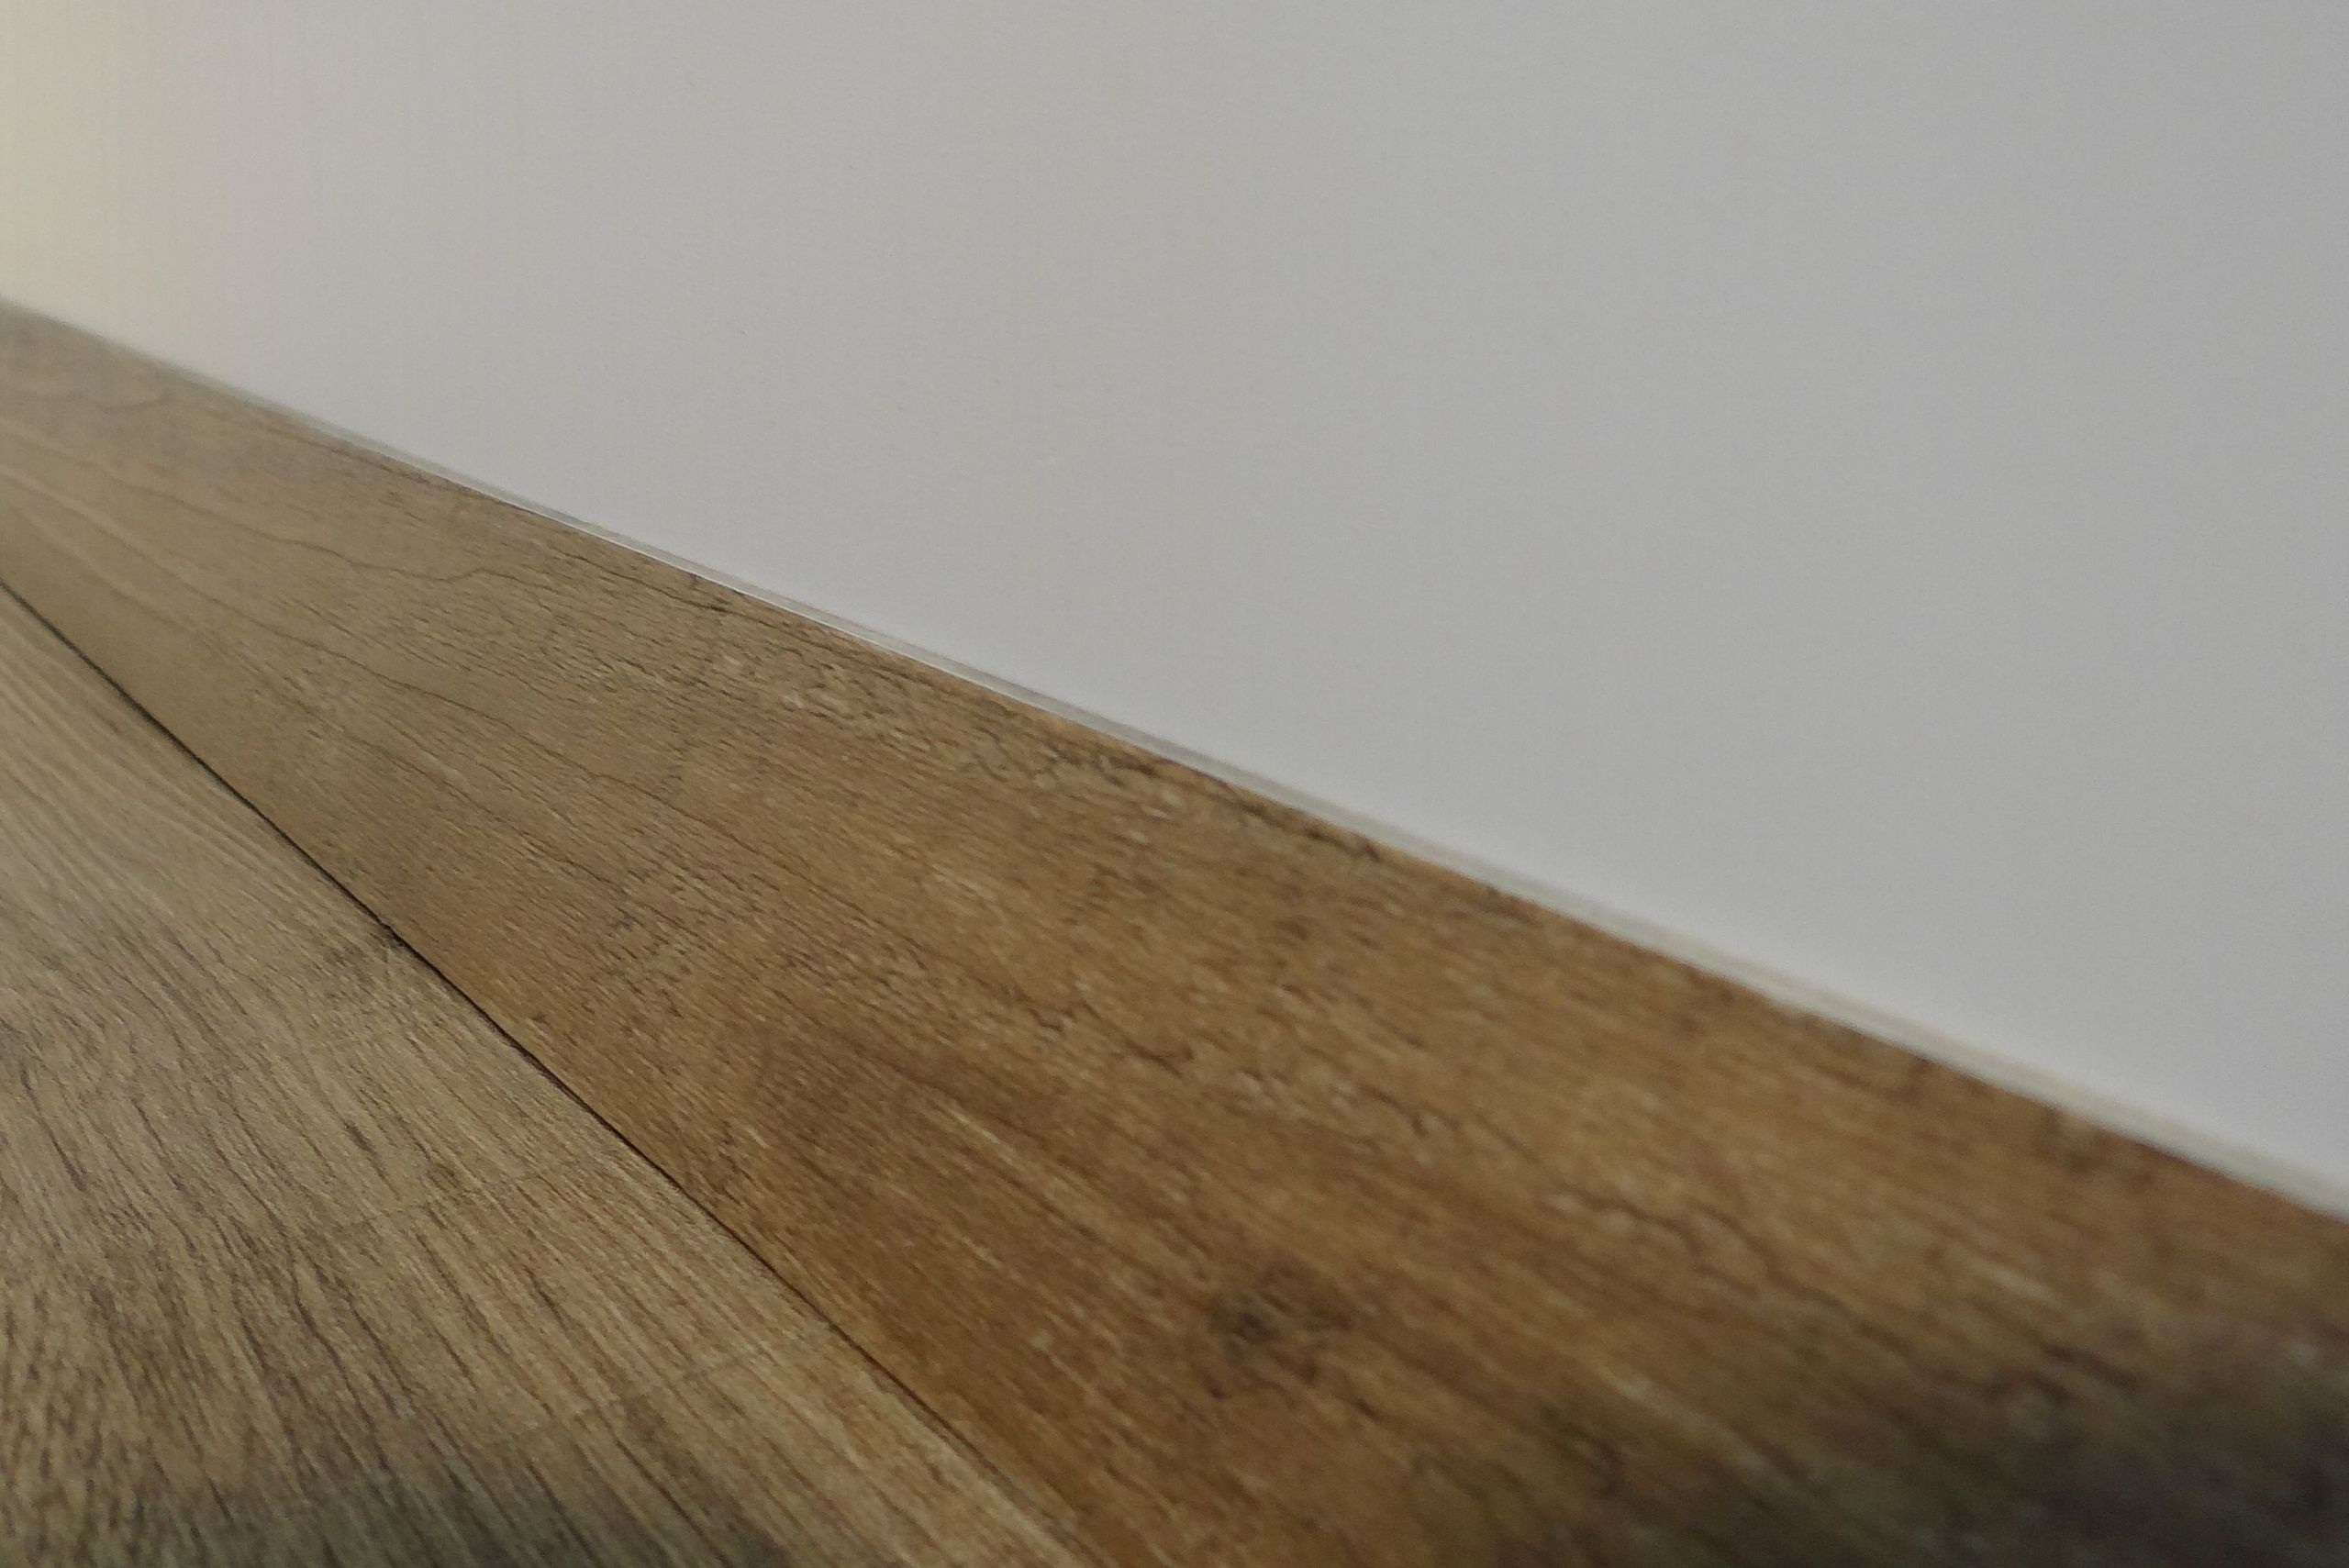 sockelleisten fur exklusiv real stone wohnemotion parkett und parkett ohne sockelleiste parkett ohne sockelleiste